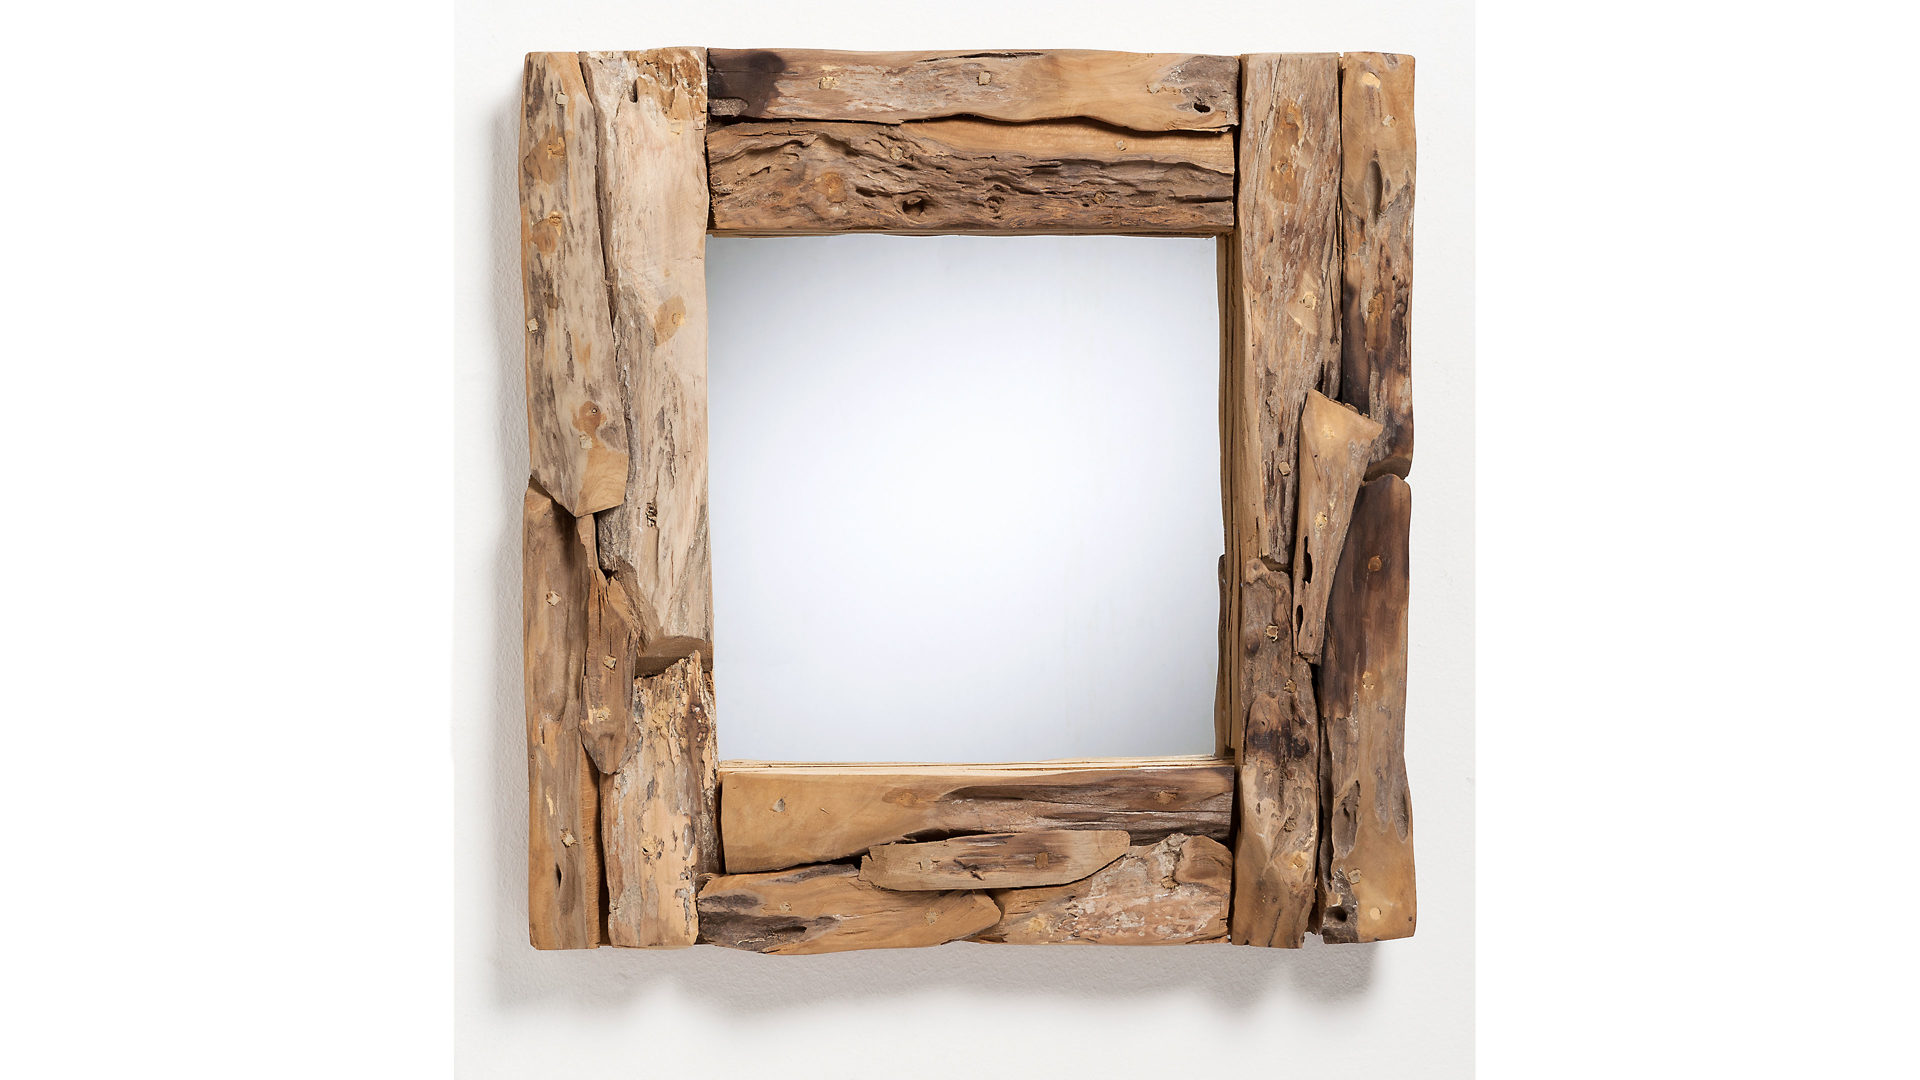 Mobel Eilers Apen Raume Esszimmer Spiegel Spiegel Dunkles